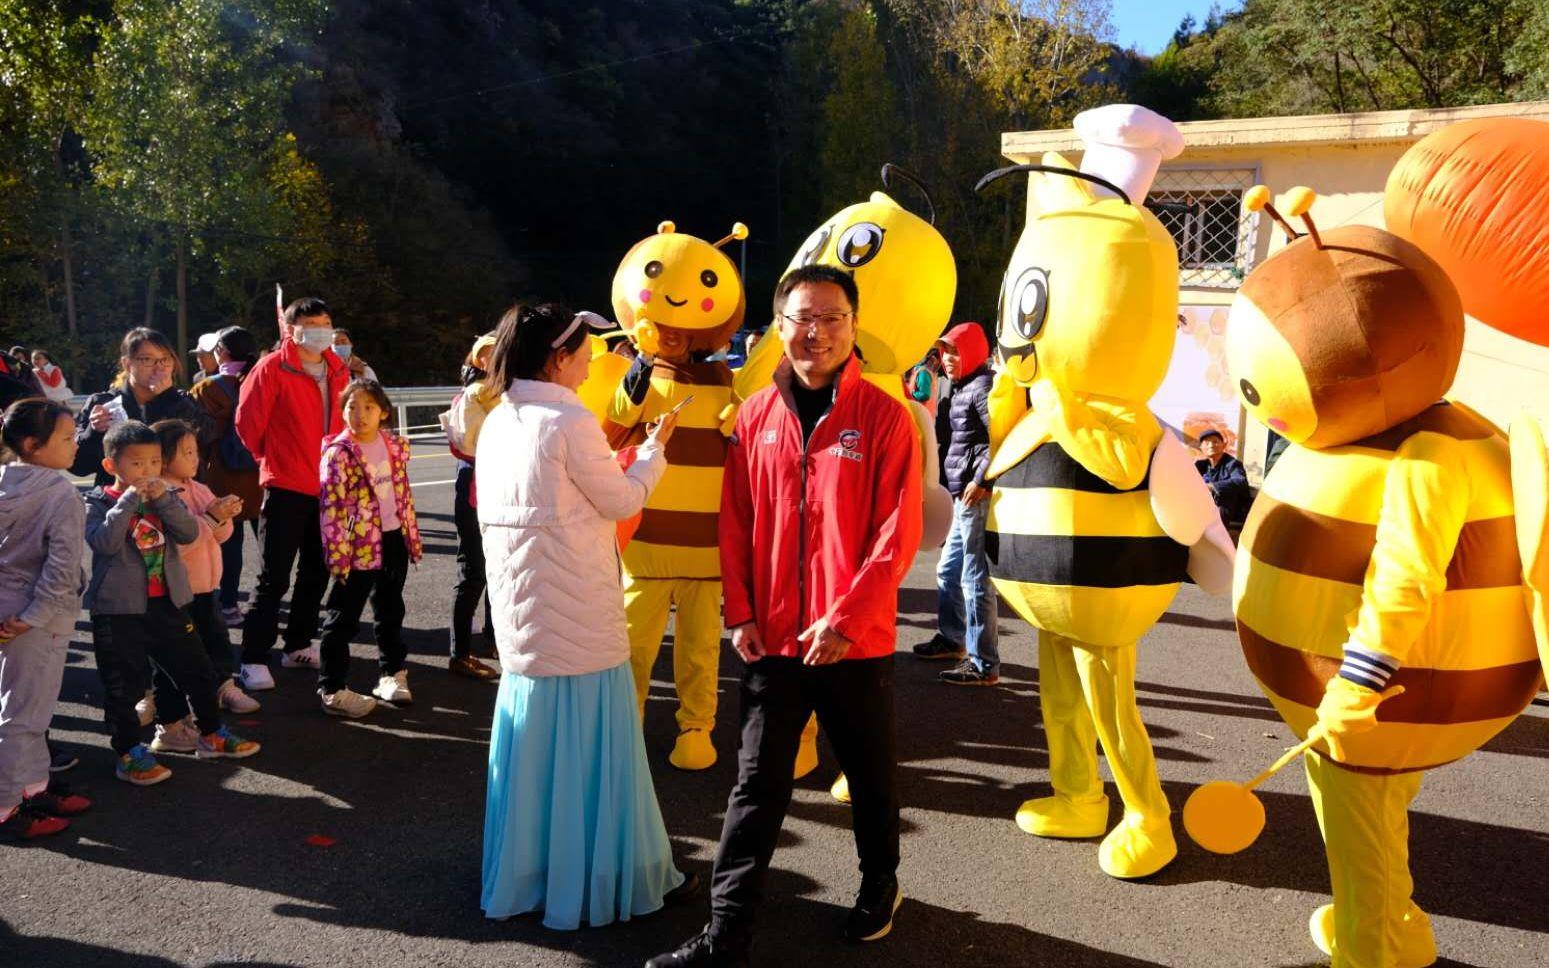 现场一些蜜蜂的卡通形象吸引了孩子们的围观。新京报记者 王巍 摄